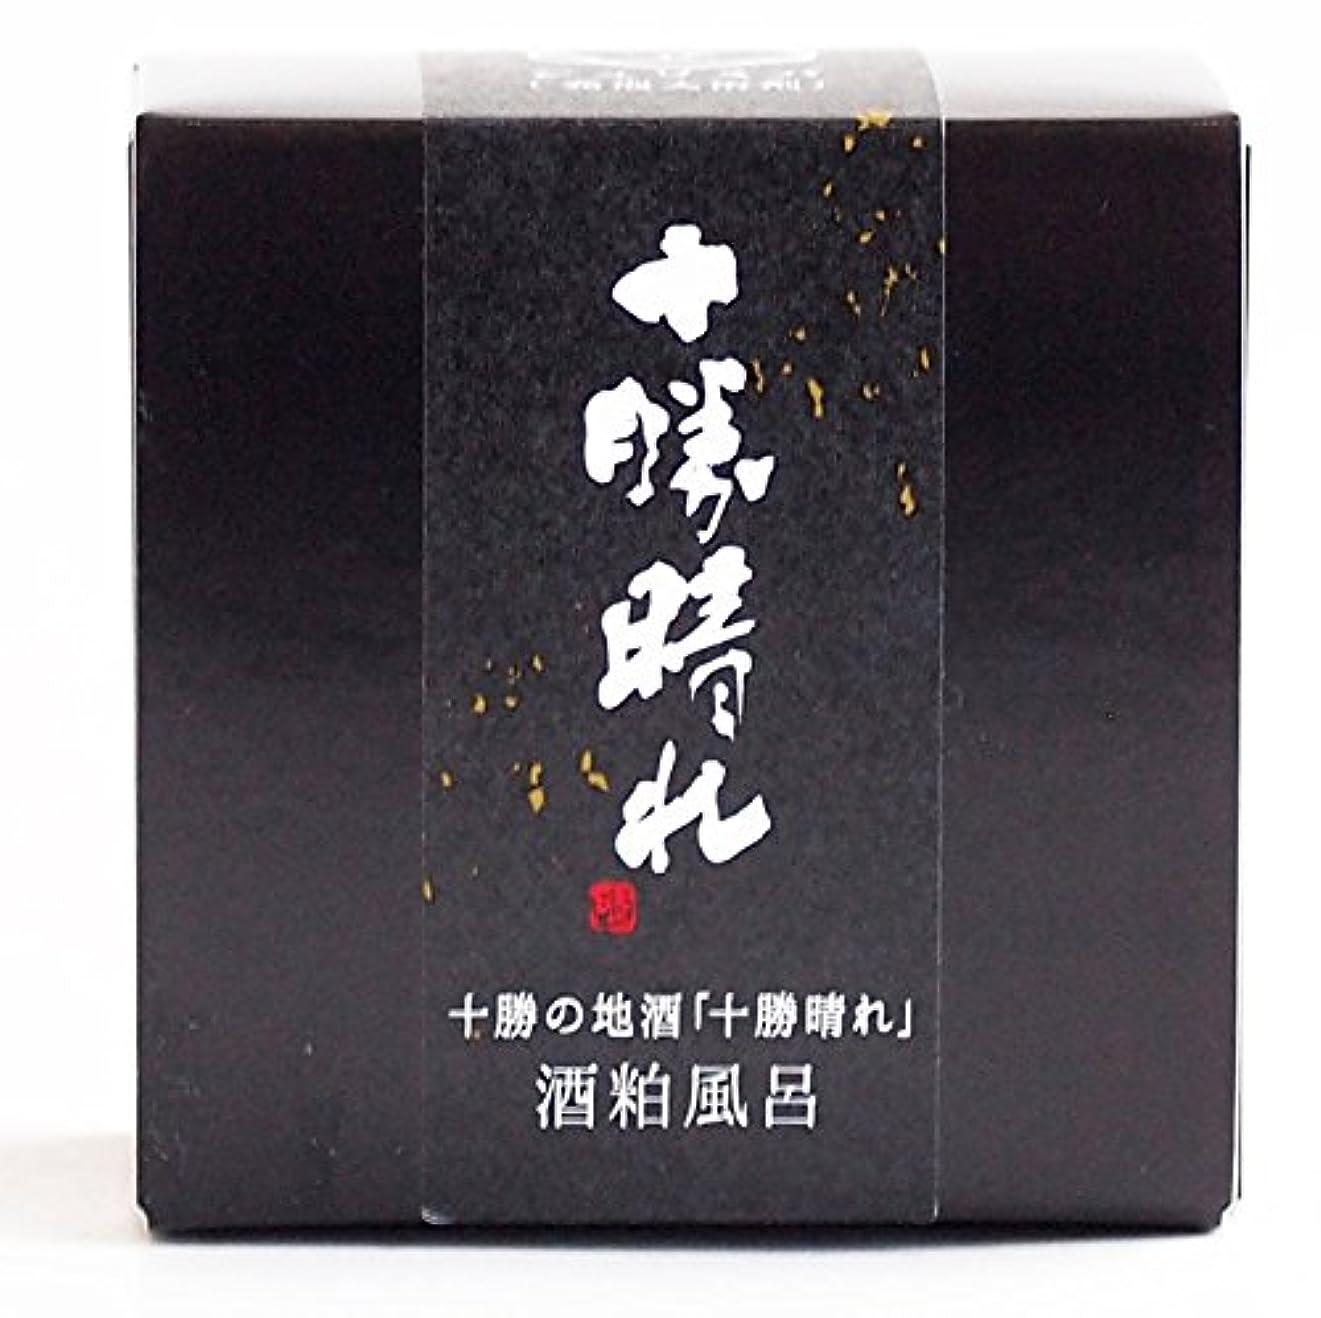 クマノミテスピアン審判シュワスパ 十勝晴れの酒粕風呂 (Mサイズ2個セット)